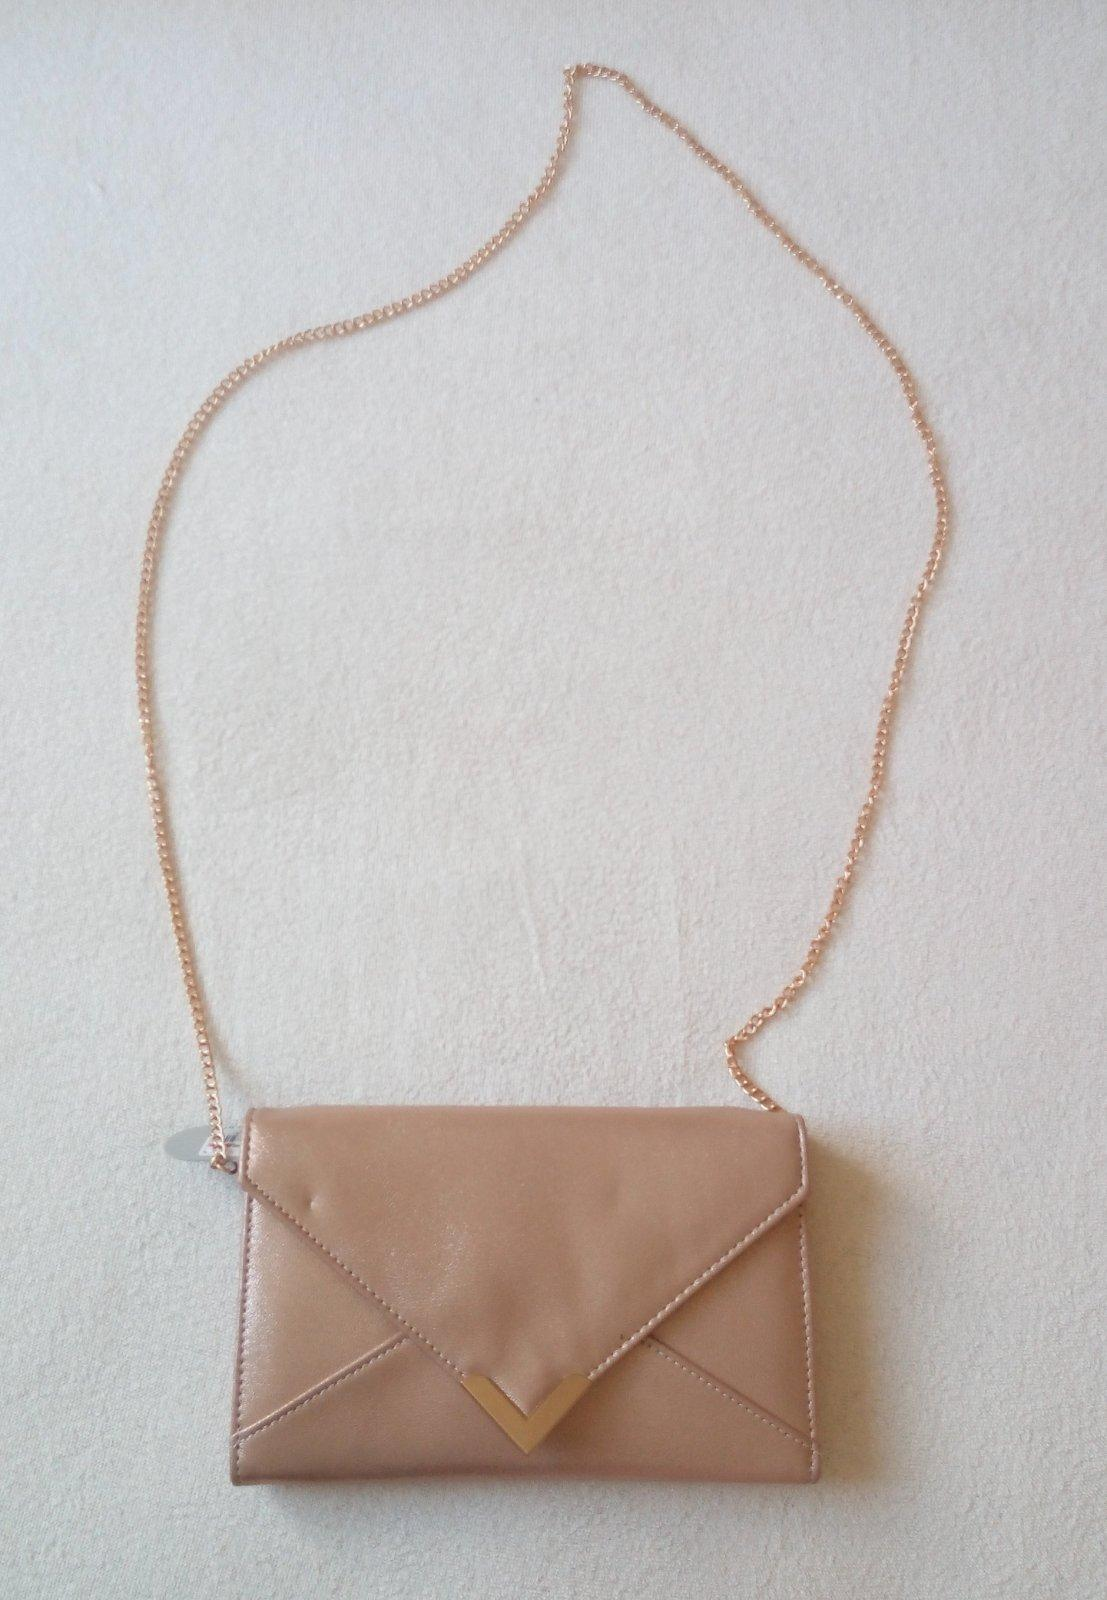 Zlatá kabelka Six - Obrázok č. 1